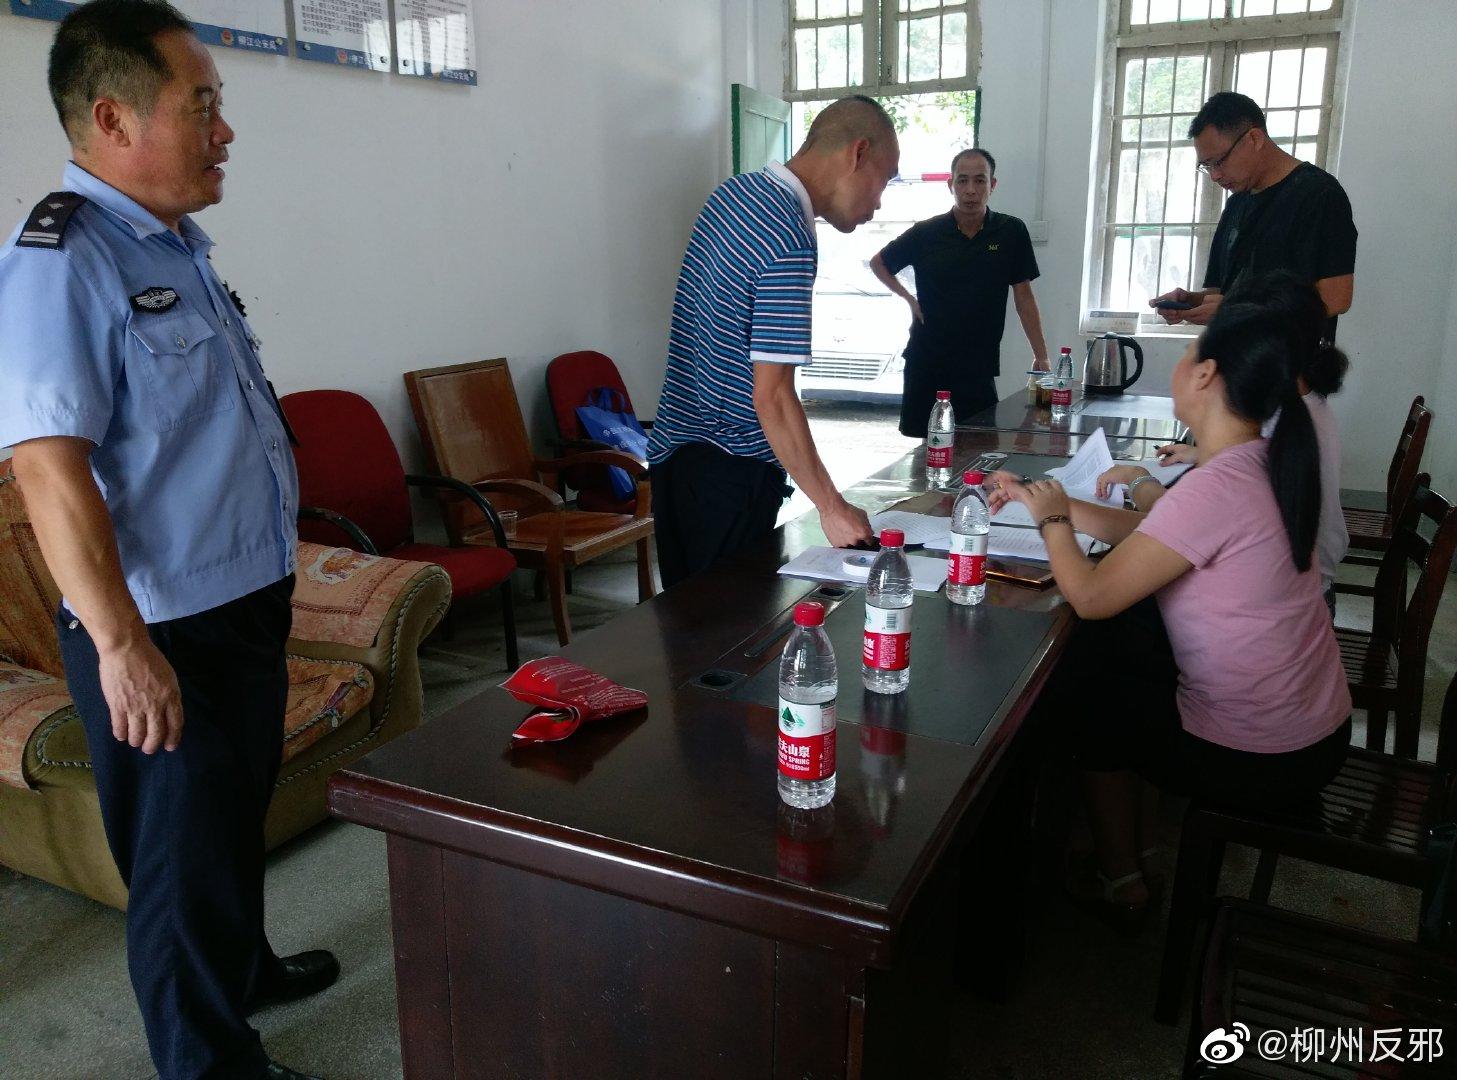 反邪   柳州:柳南区天鹅湖社区退伍军人反邪法治惠民行宣传活动